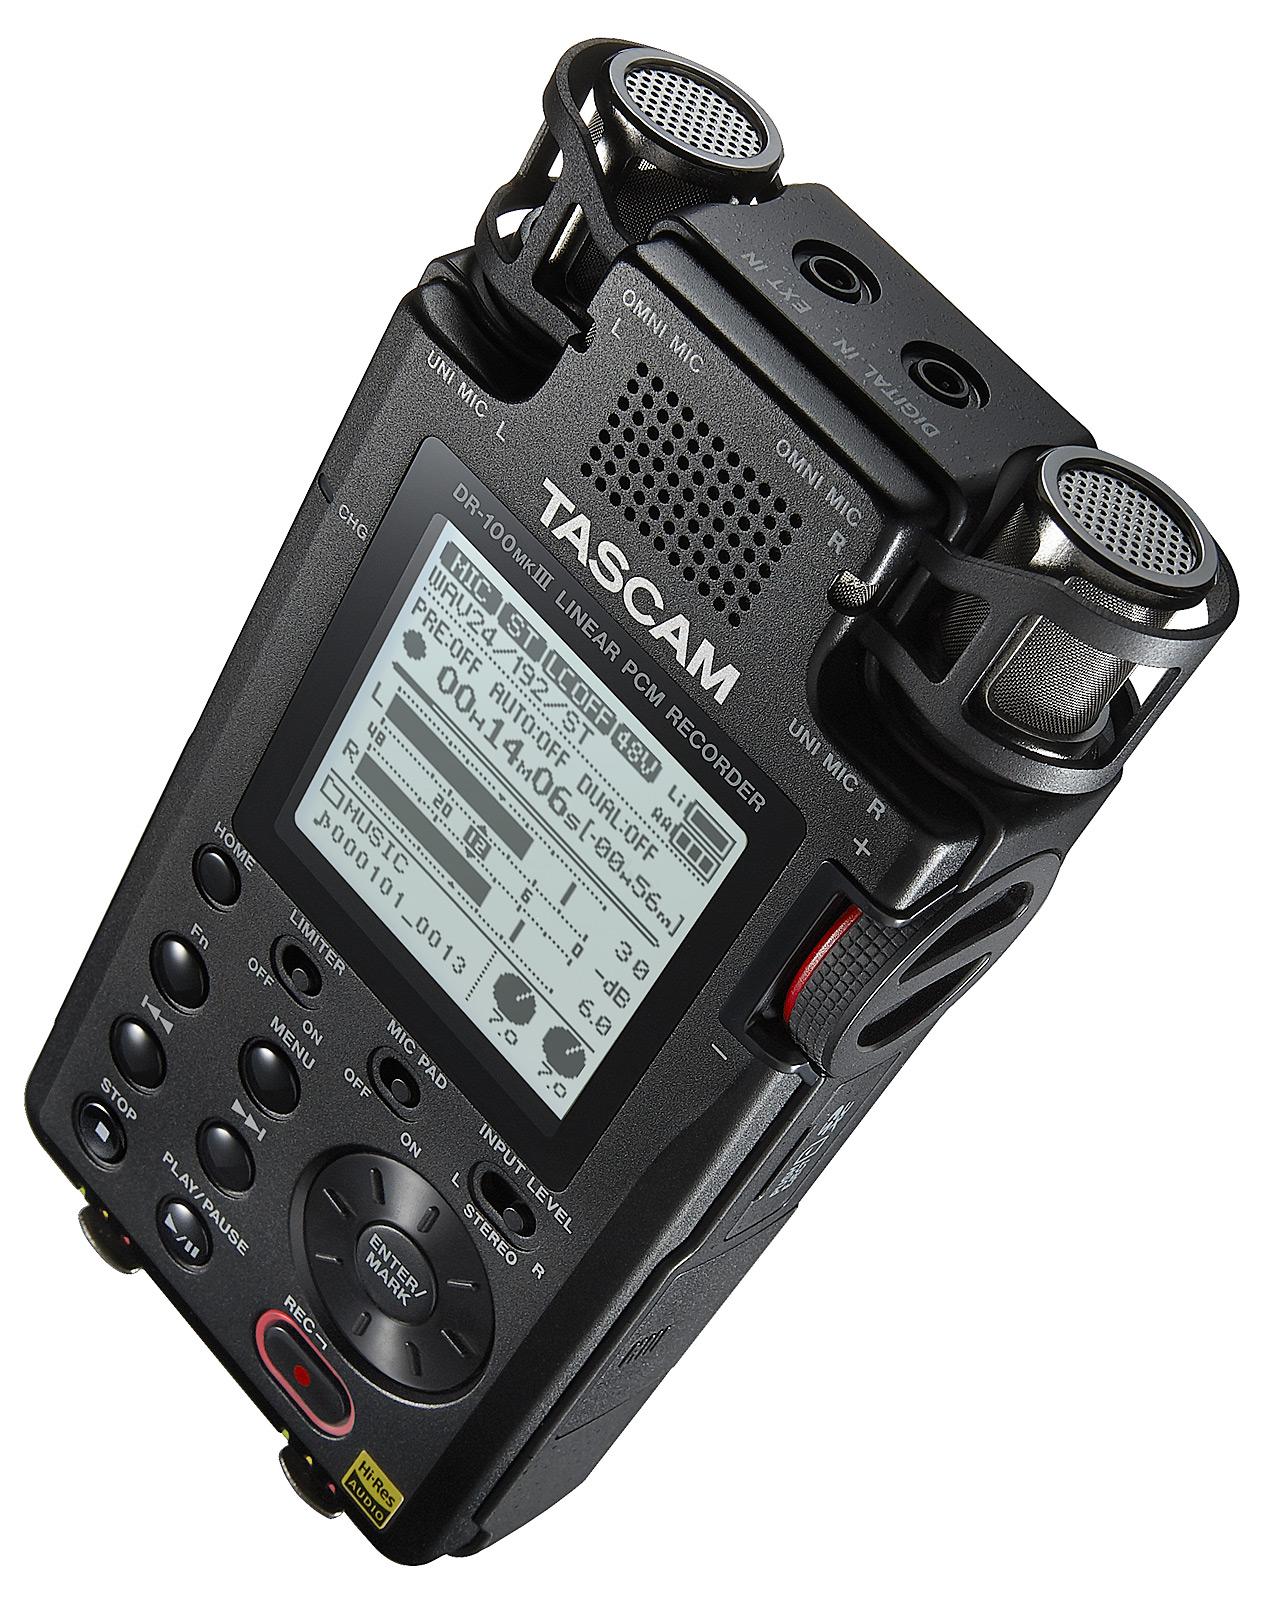 Image of   Tascam DR-100MK3 håndholdt stereo optager